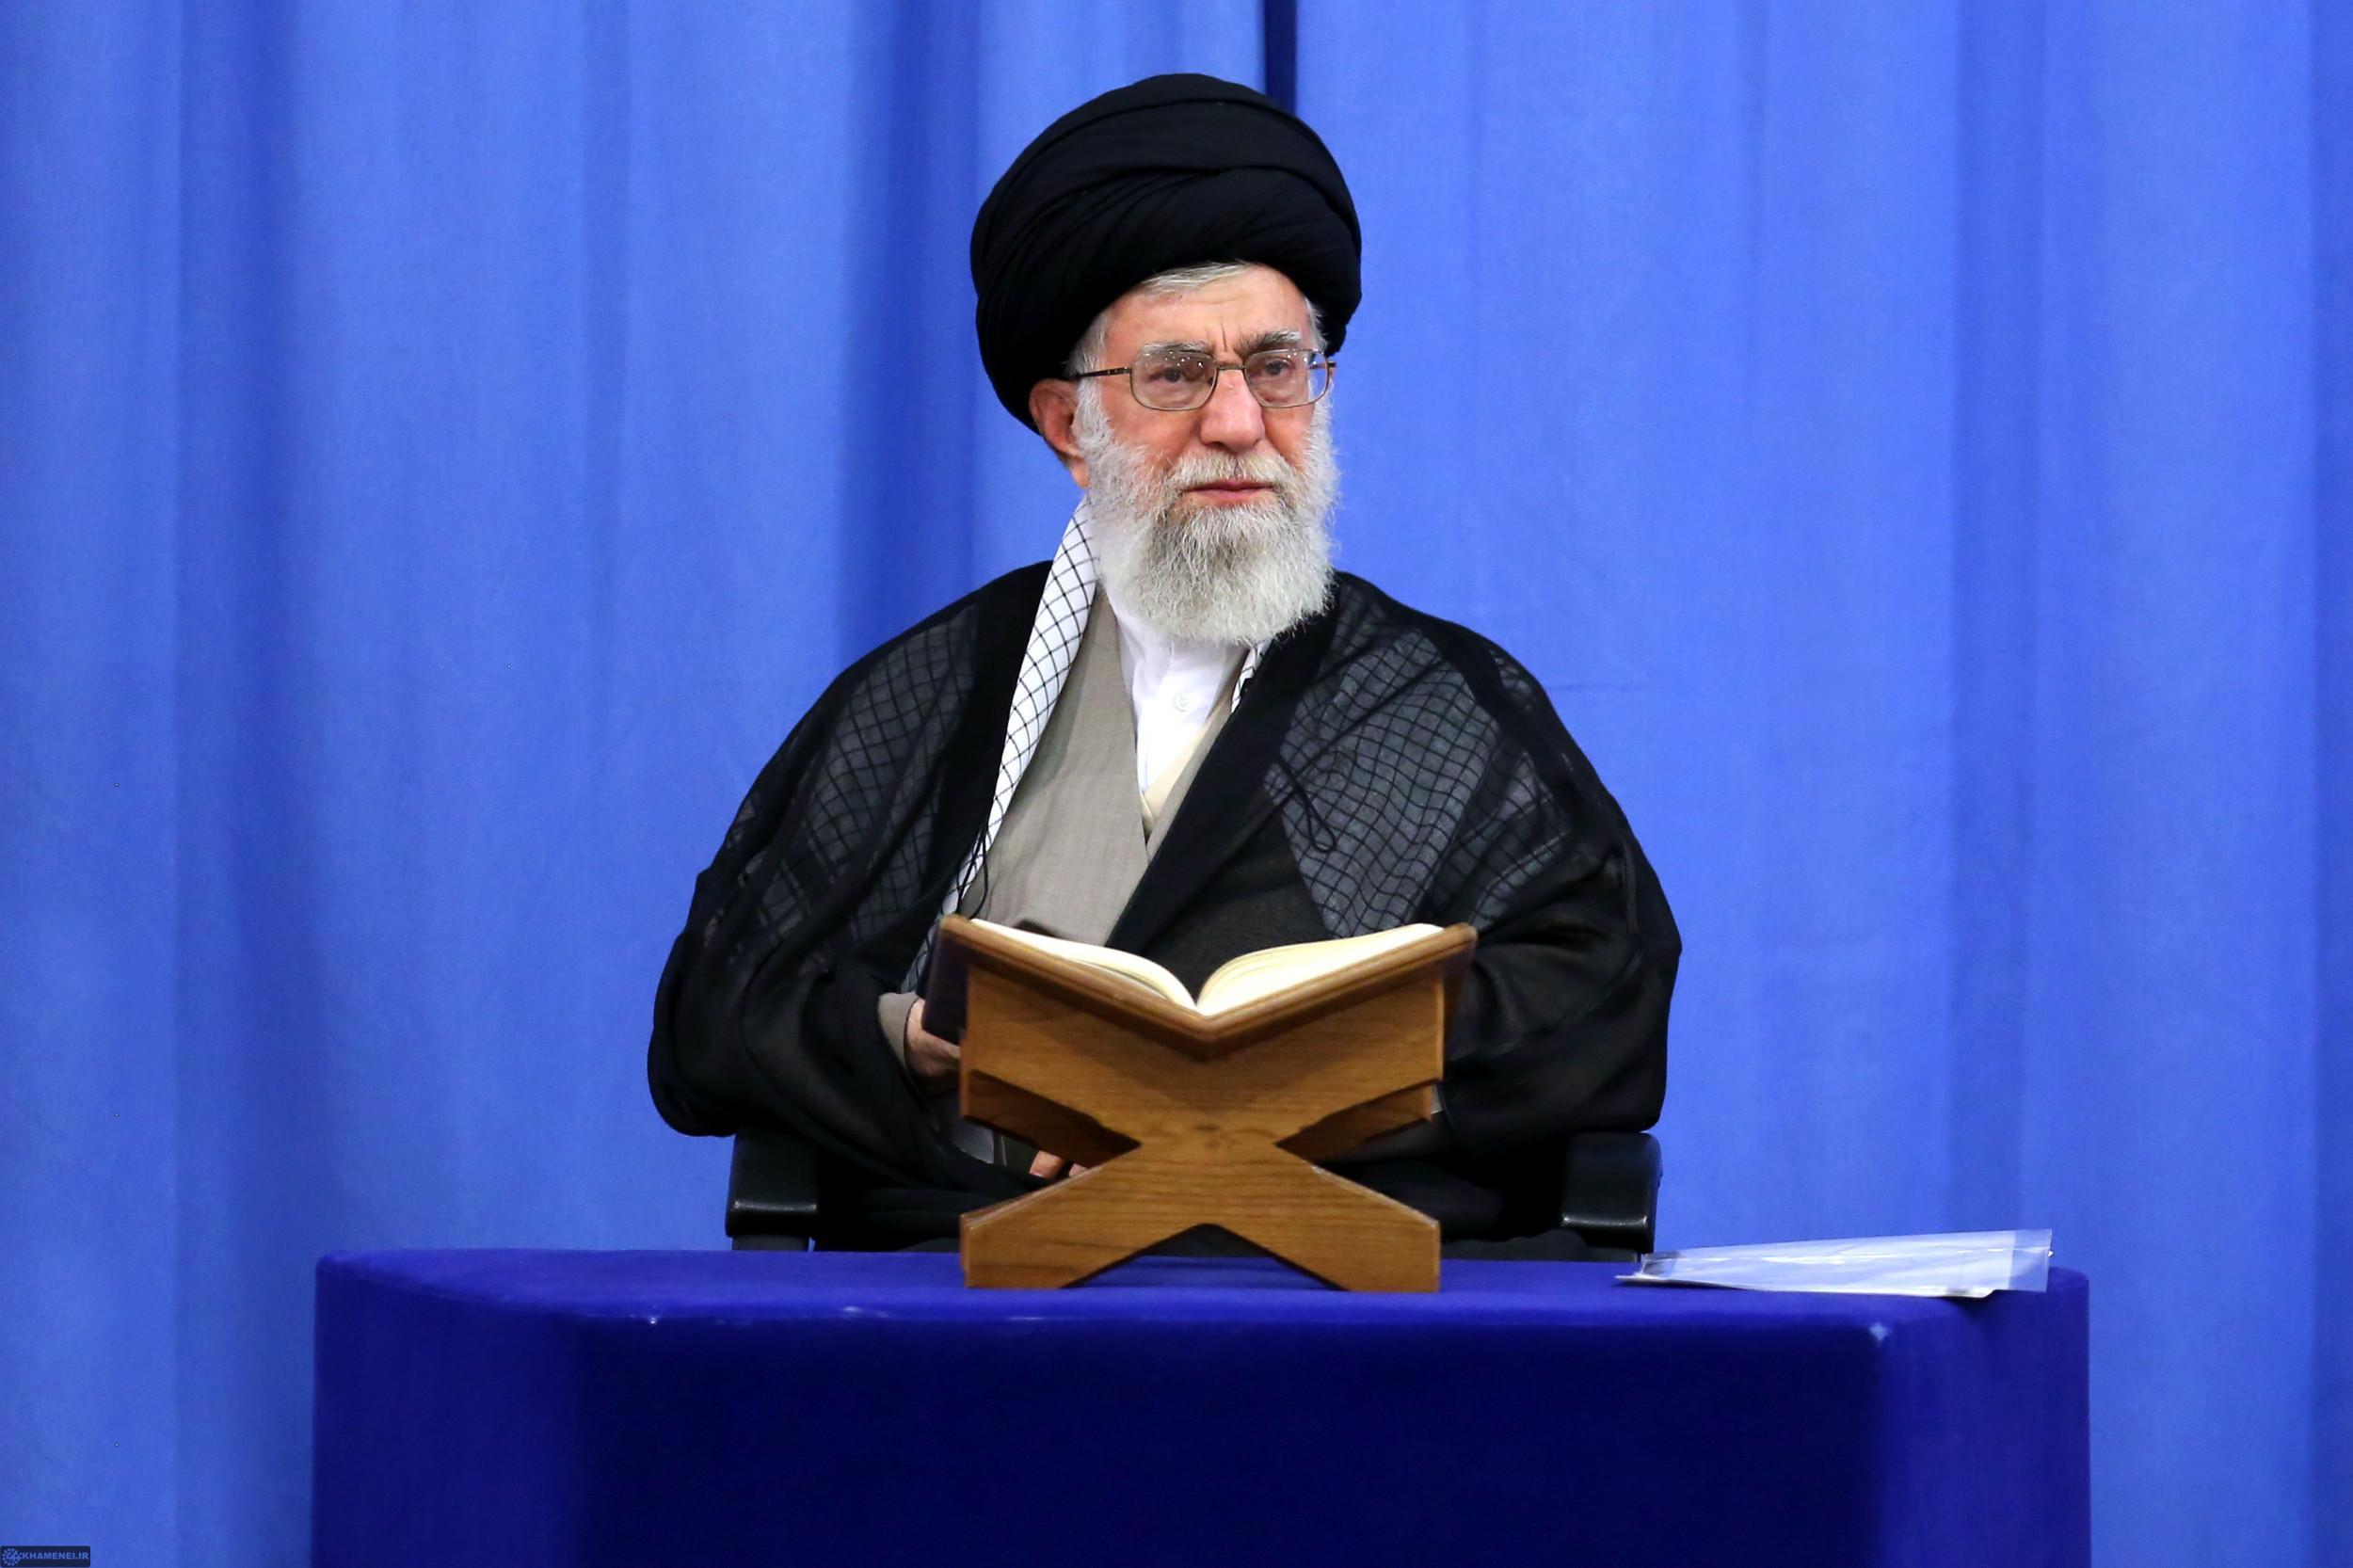 لزوم تدبر در قرآن از نگاه مقام معظم رهبری